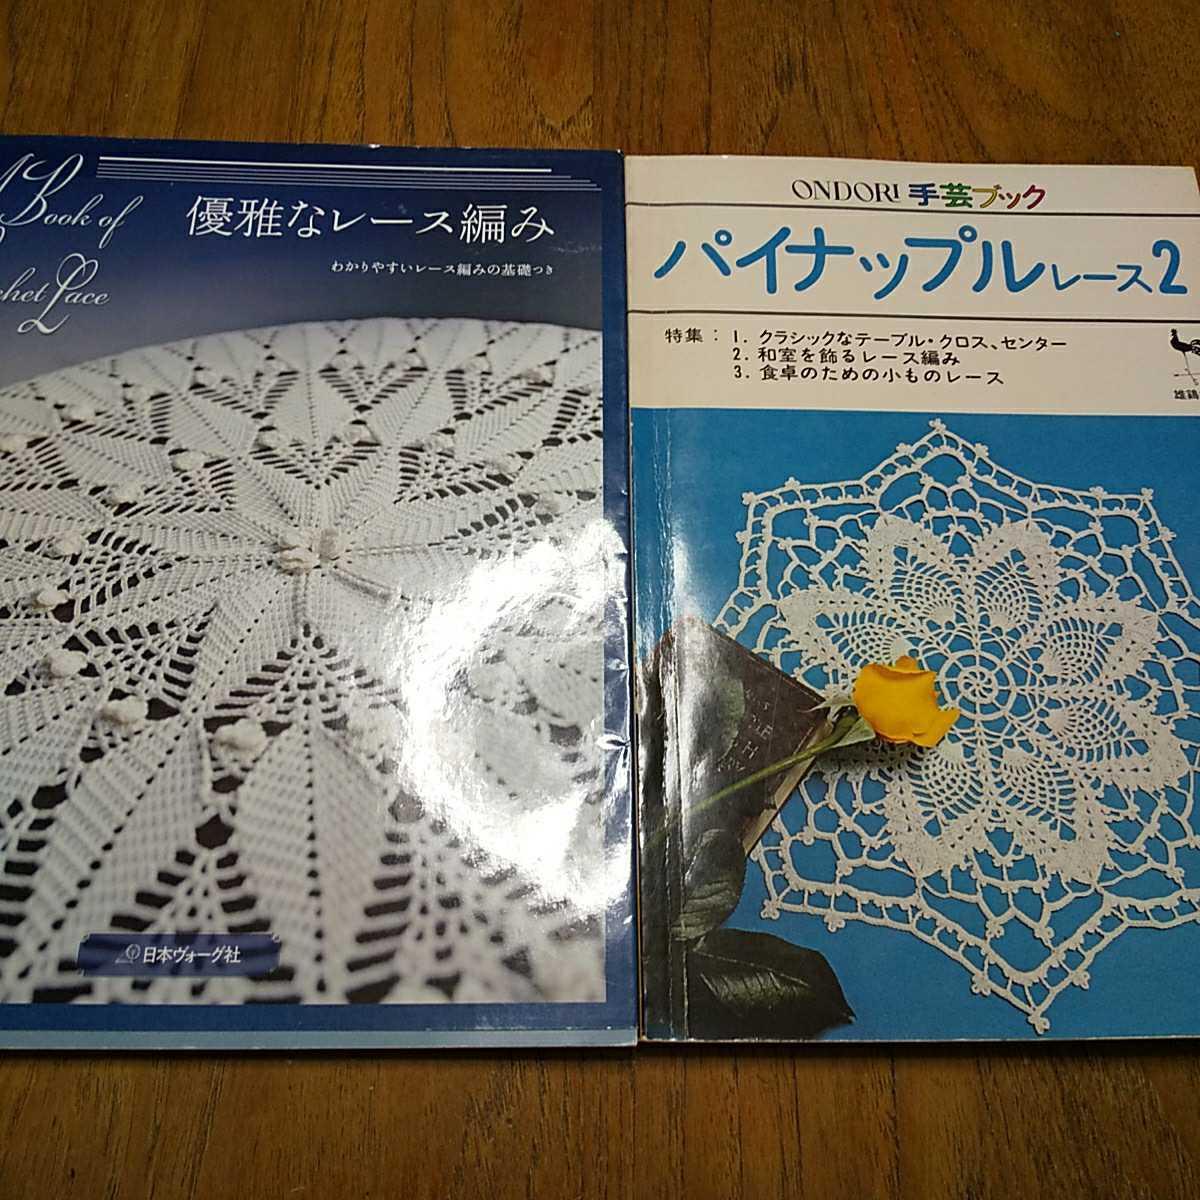 優雅なレース編み と パイナップルレース2 書き込み無しの比較的美品な書籍中古本